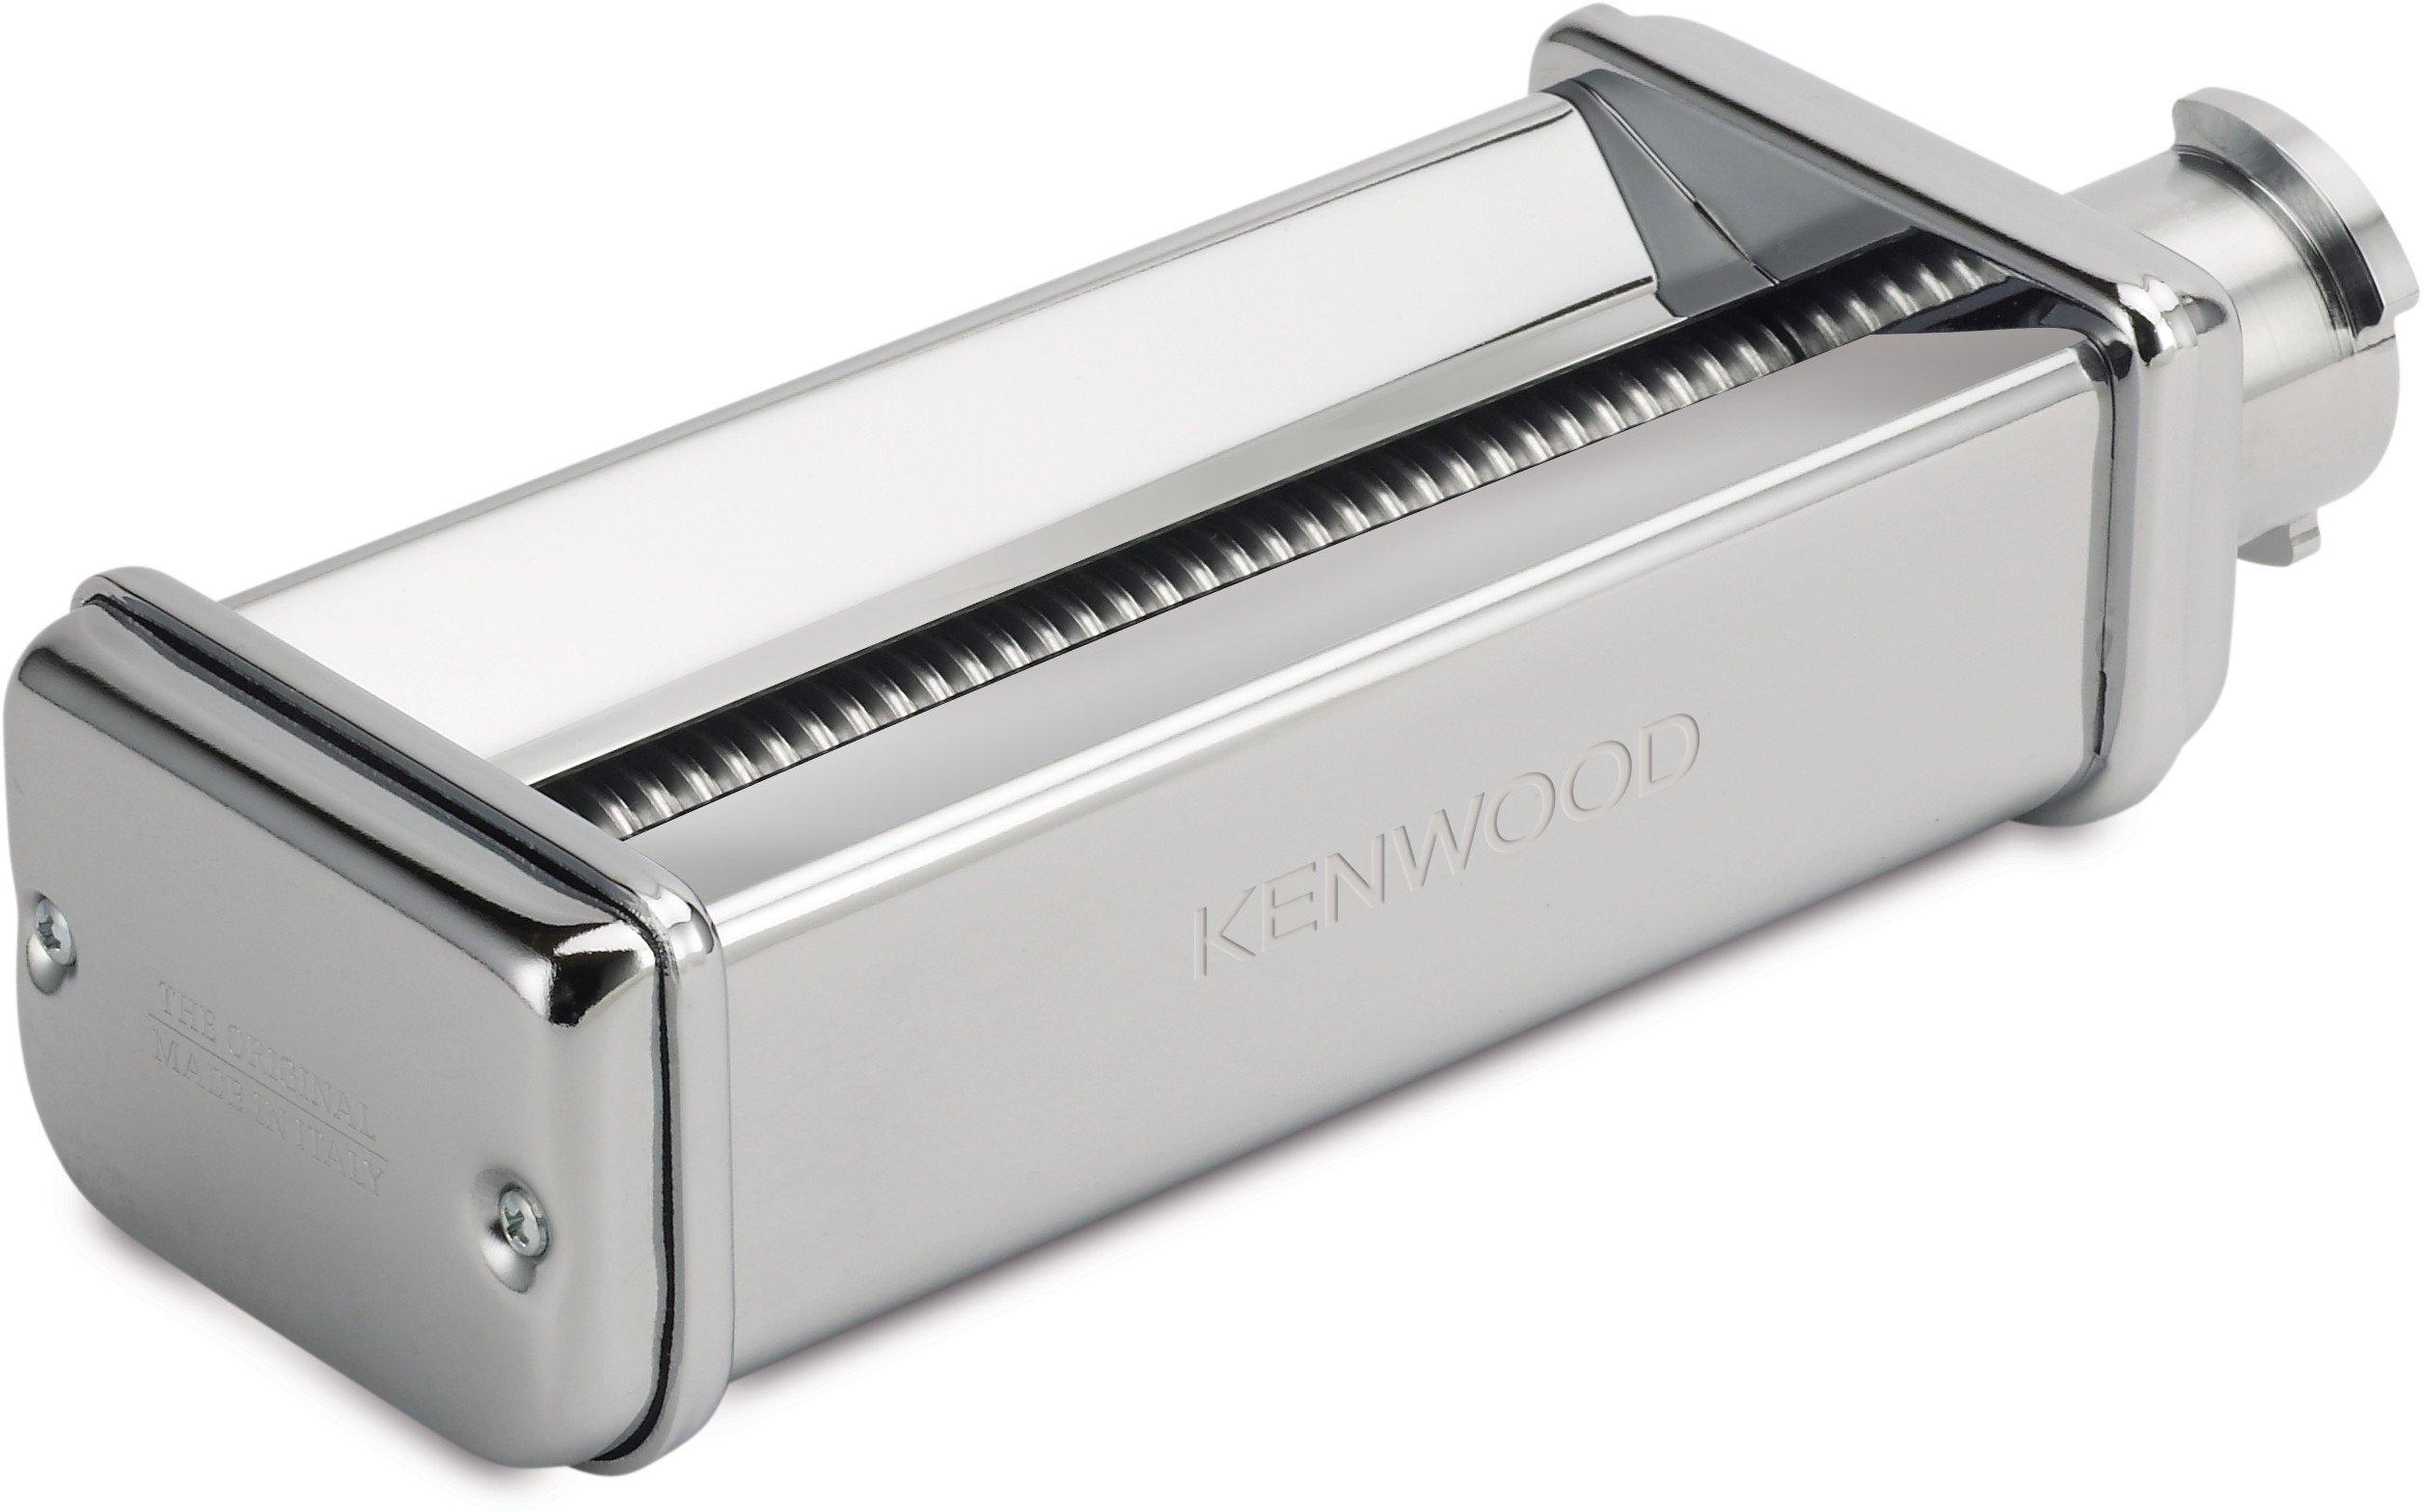 Kenwood KAX984ME - Accesorio para hacer espaguetis y pasta (accesorio para robot de cocina, apto para todos los robots de cocina Chef y kMix, acero inoxidable): Amazon.es: Hogar